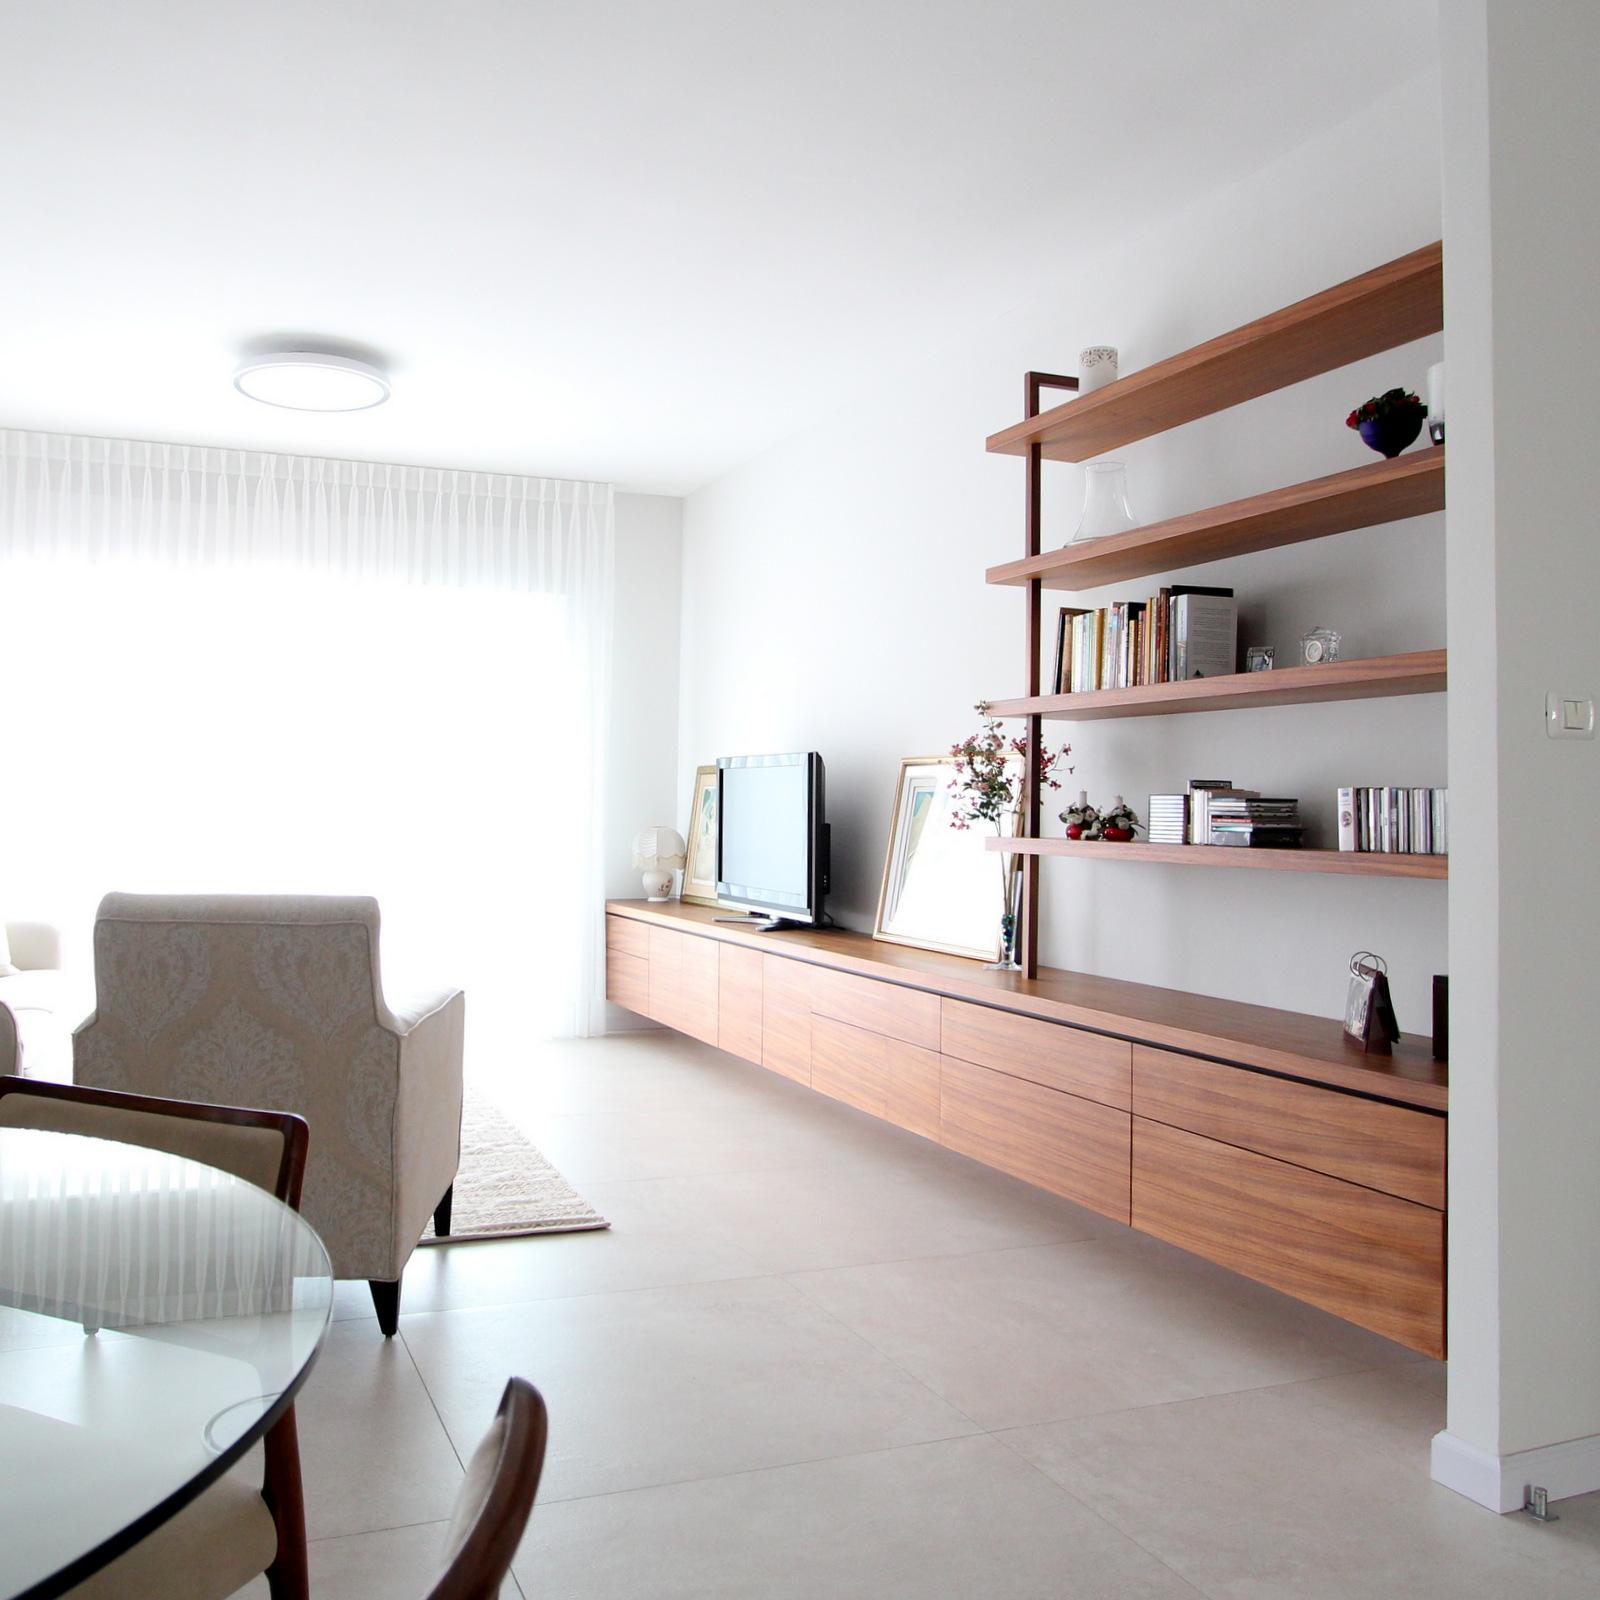 עיצוב פנים לדירה ברמת פולג עיצוב וצילום לירון גונן (6)